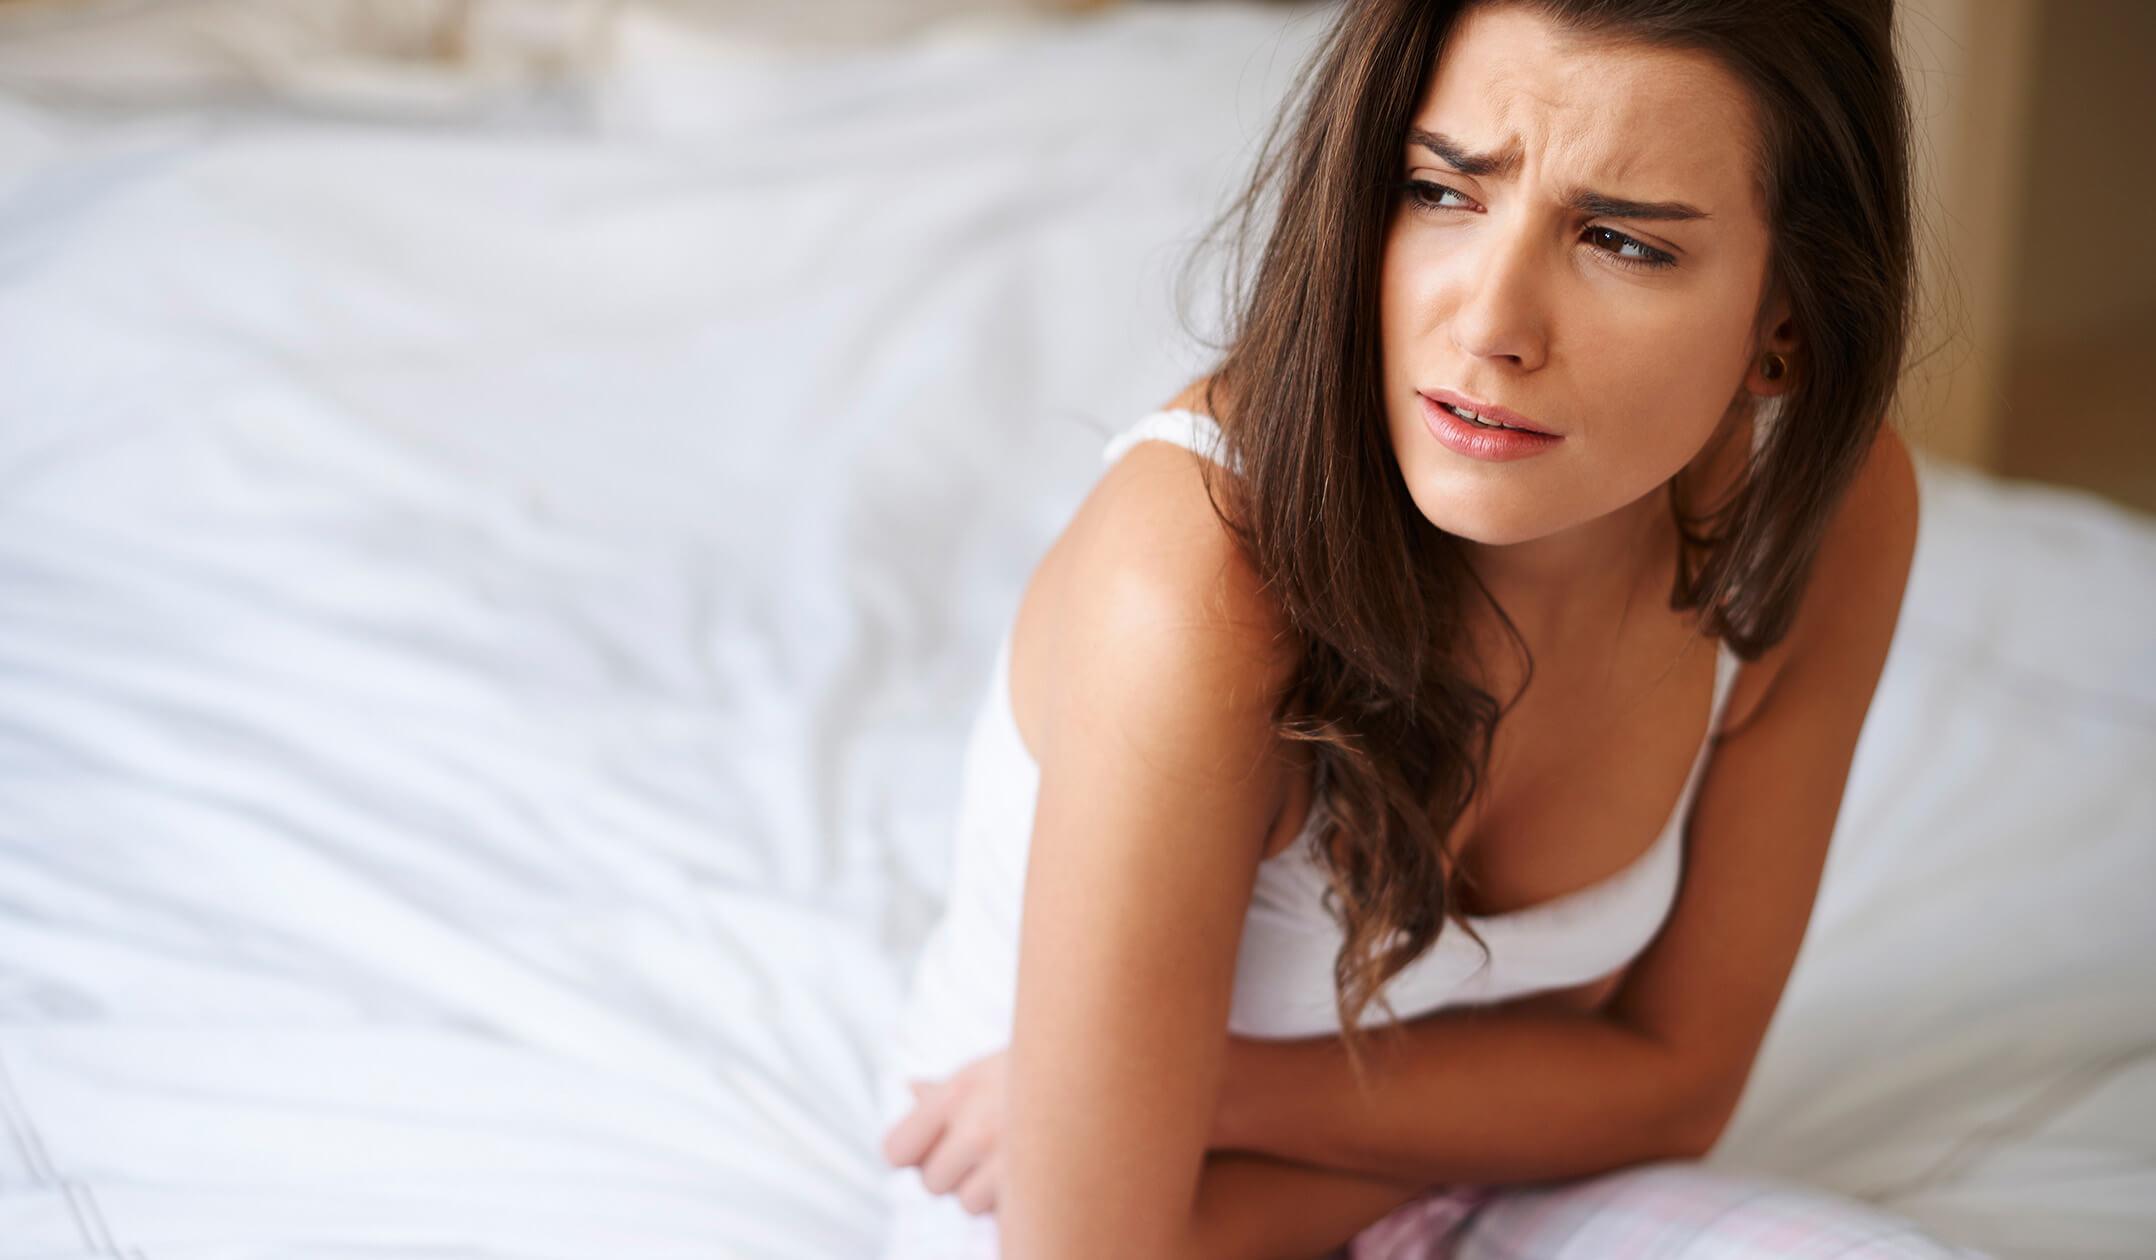 los quistes ováricos pueden causar dolor pélvico